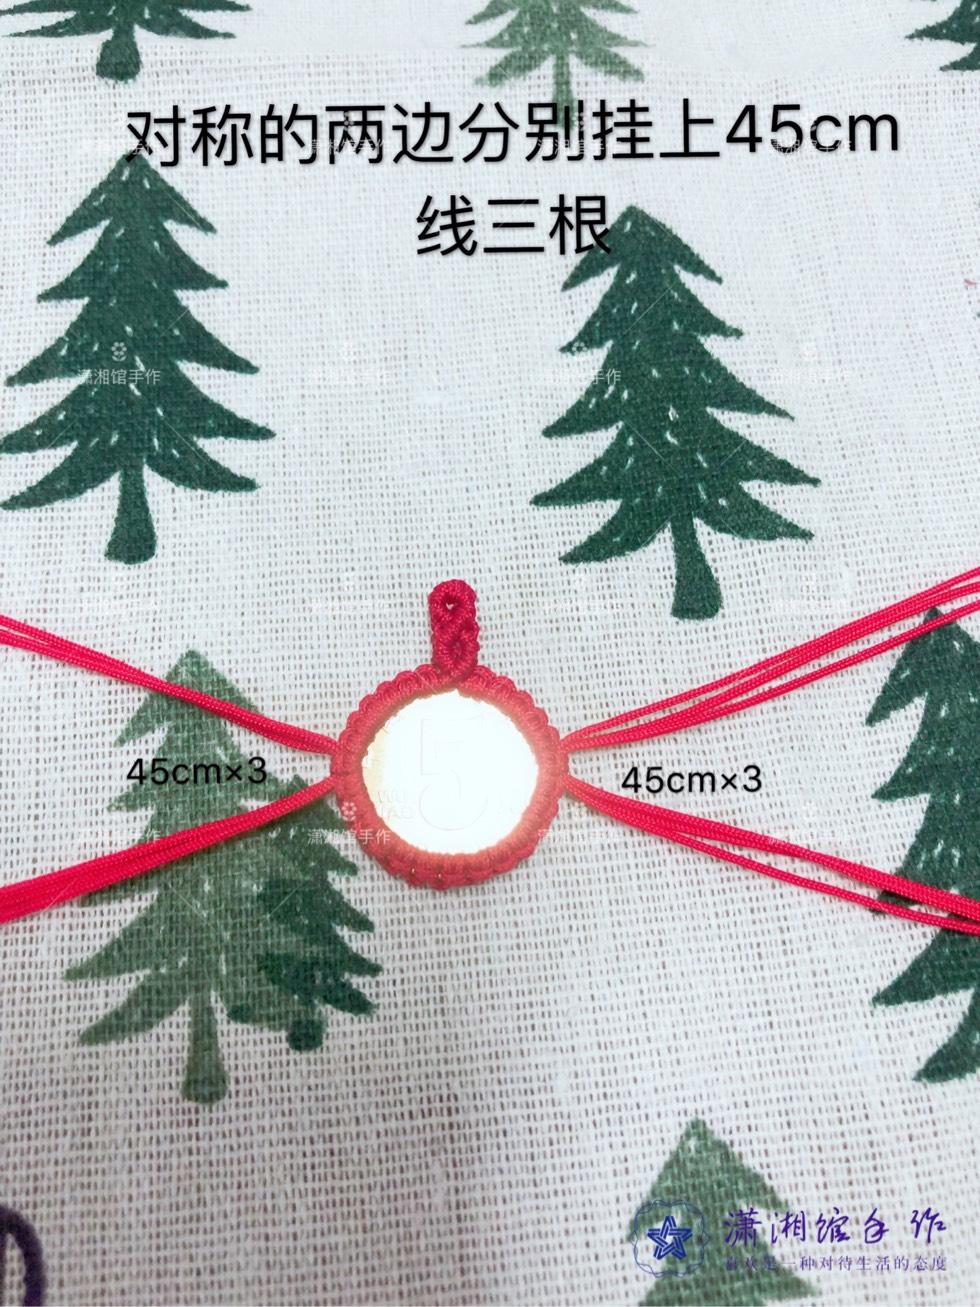 中国结论坛 硬币挂件天使翅膀钥匙扣教程  图文教程区 170125zgr4ez5qqs9rsftu